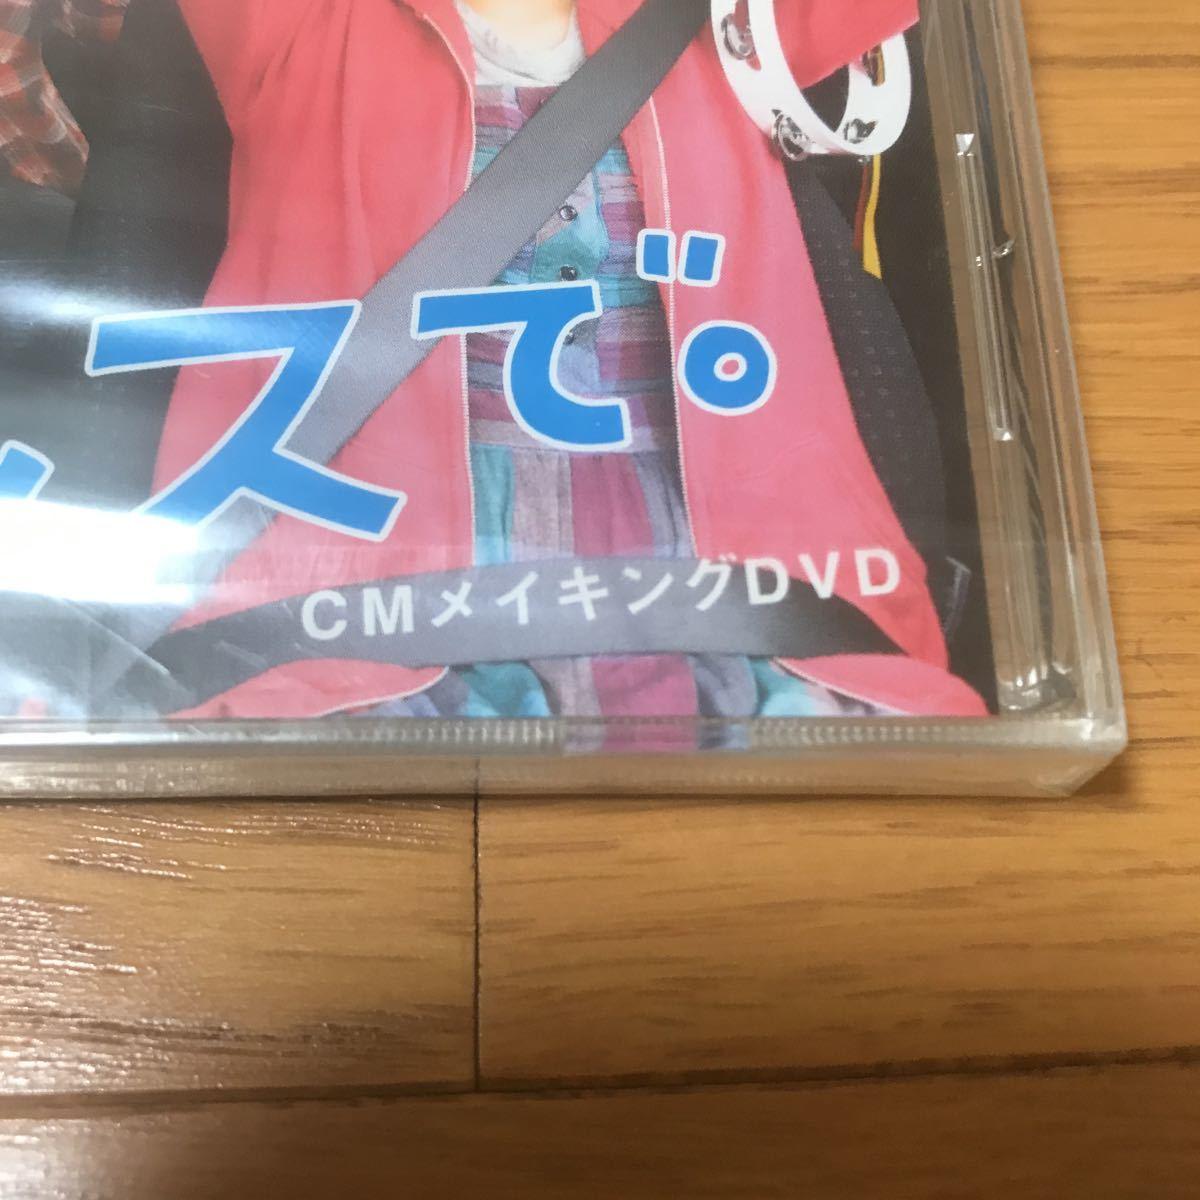 送料無料 トヨタ ラクティス CMメイキングDVD ゆず 綾瀬はるか_画像3